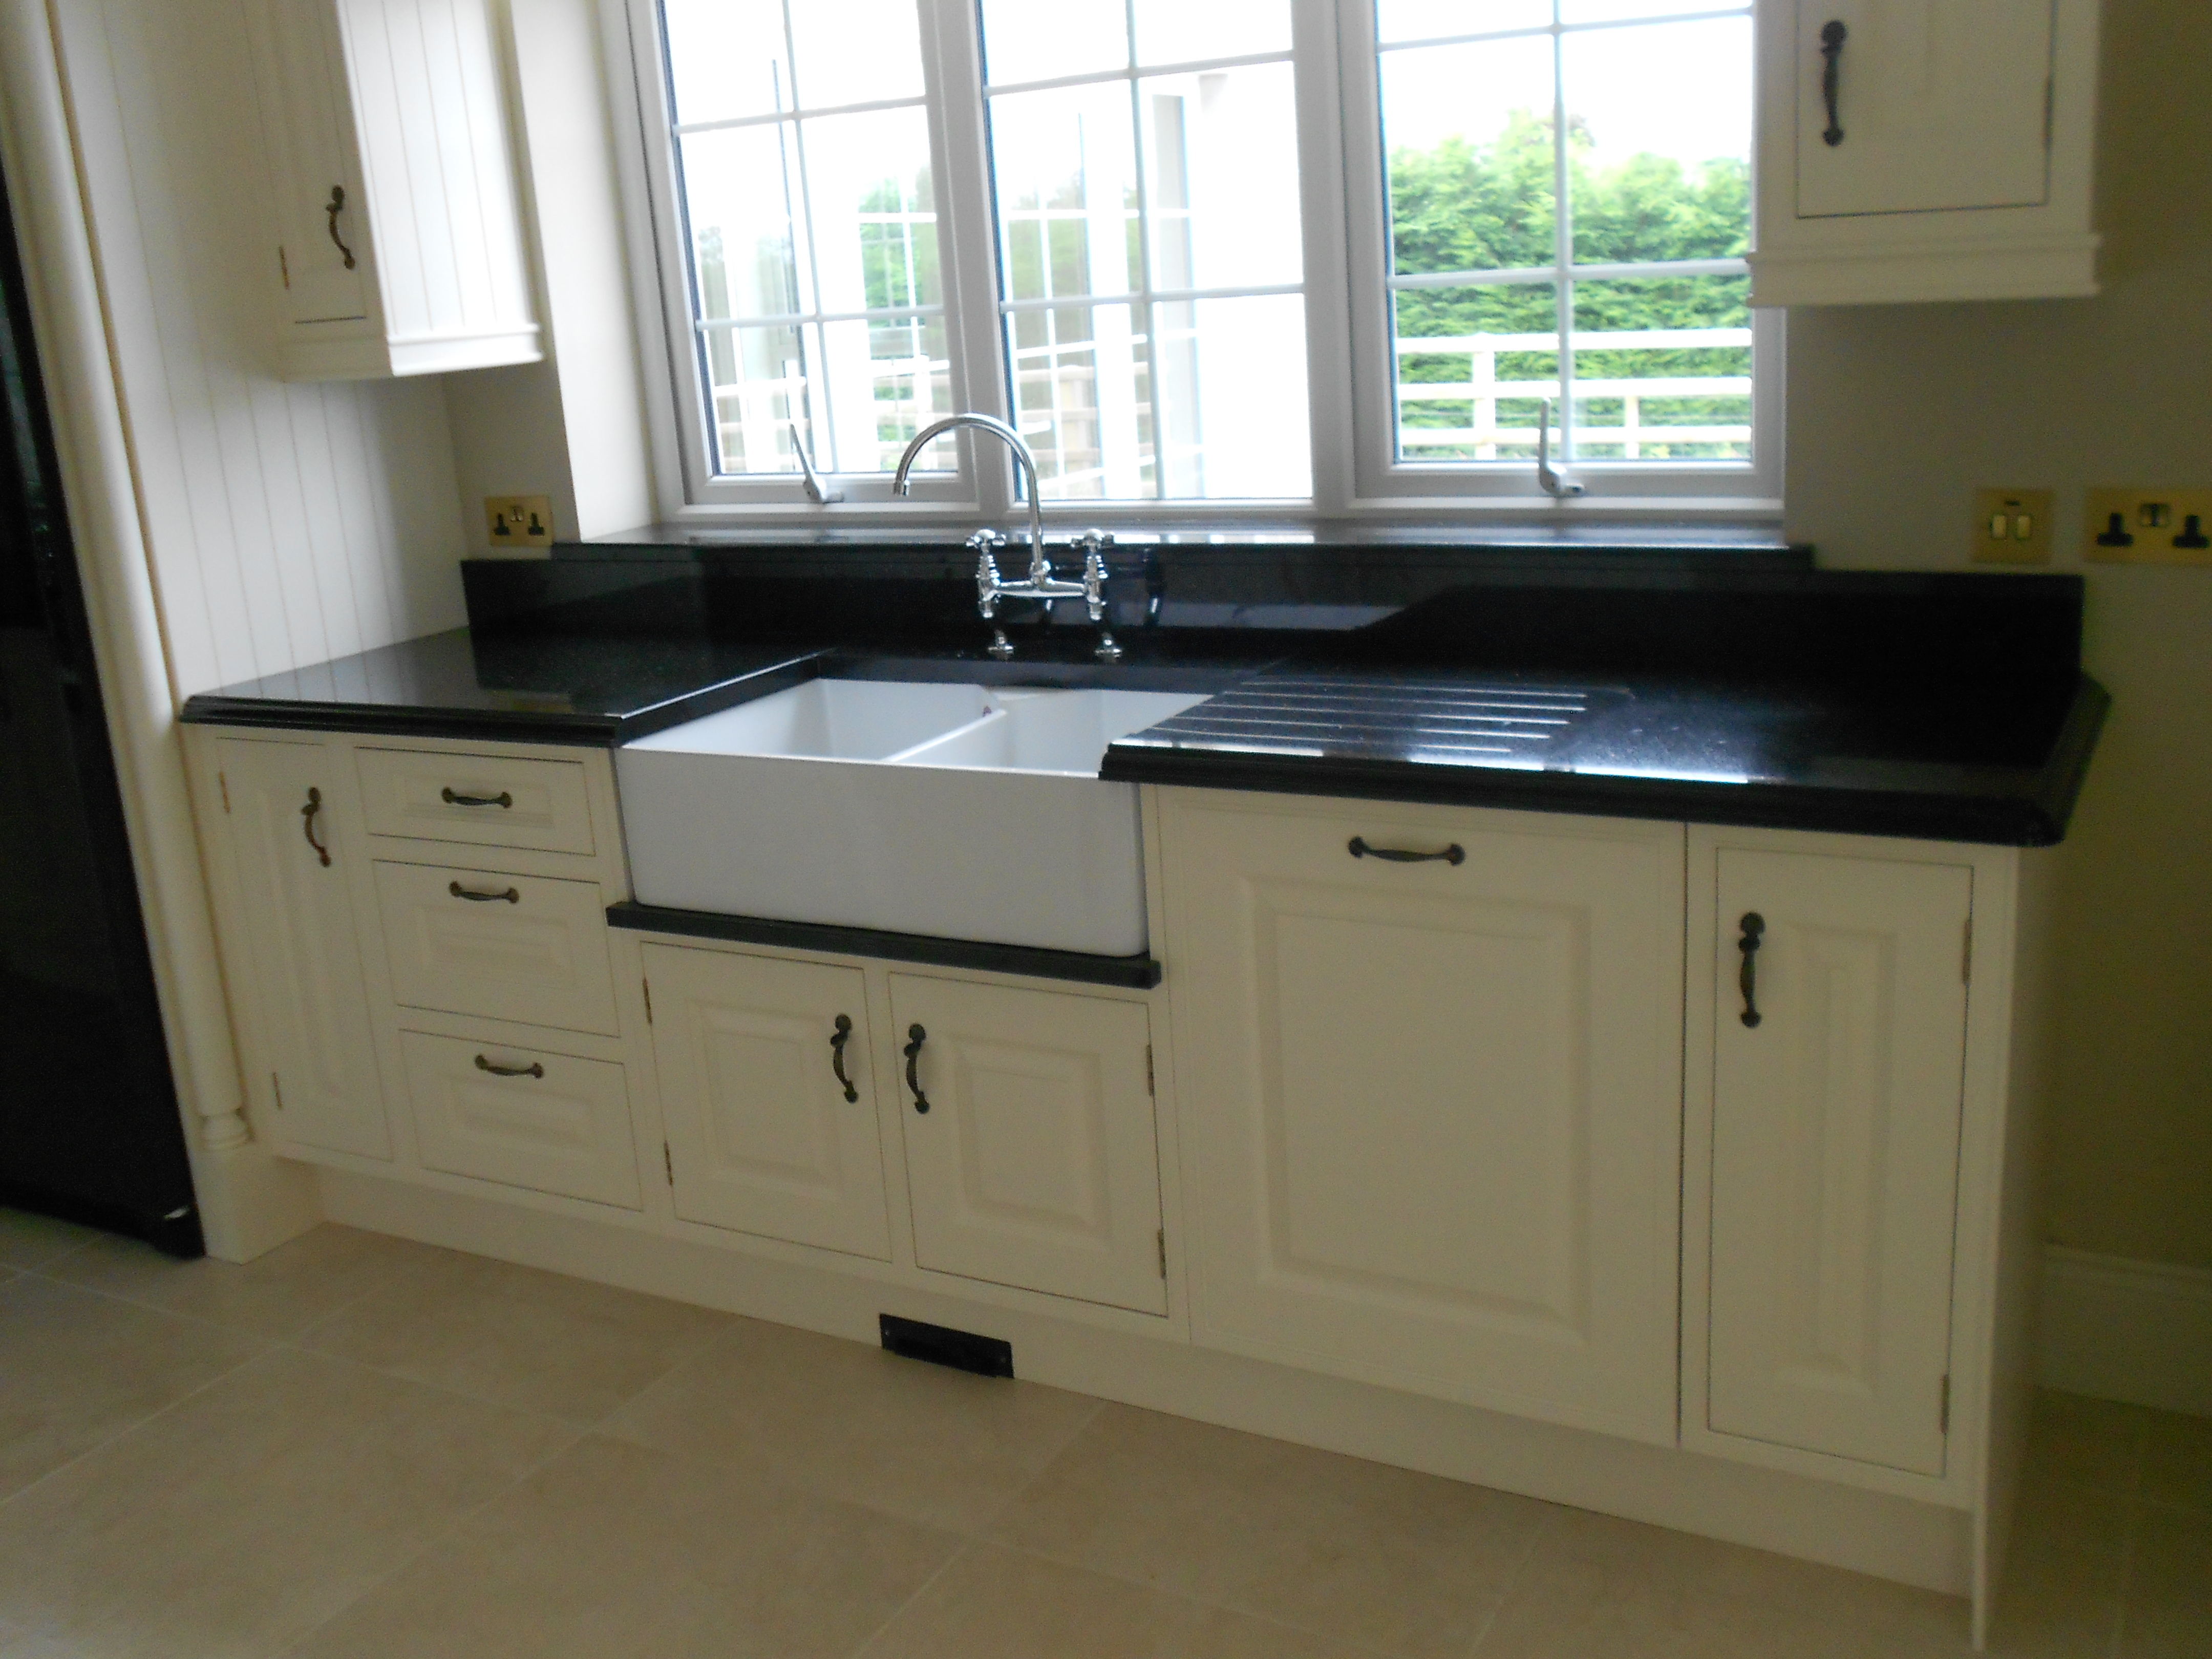 Kitchen Worktop and White Sink